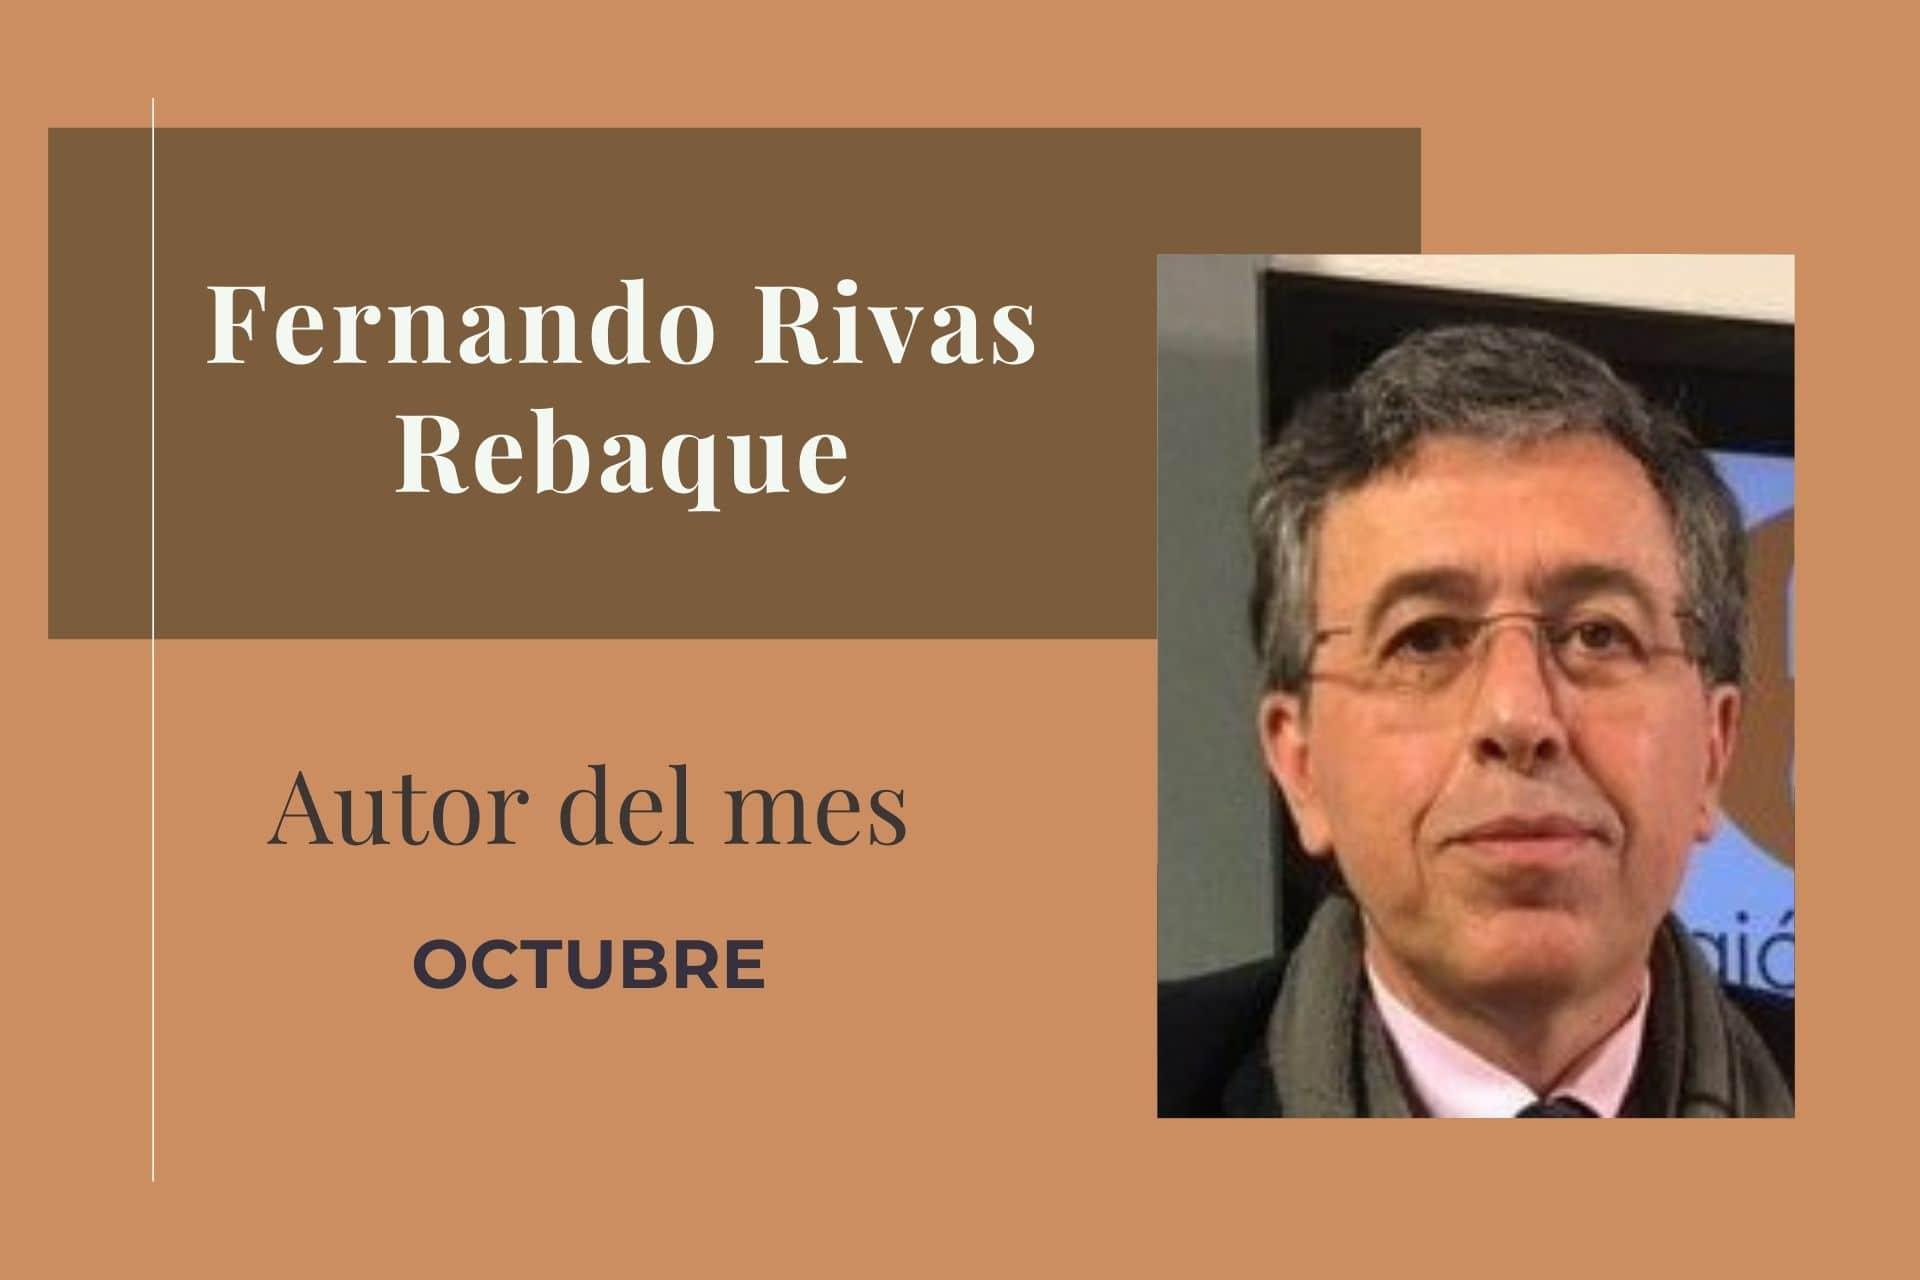 Fernando Rivas Rebaque